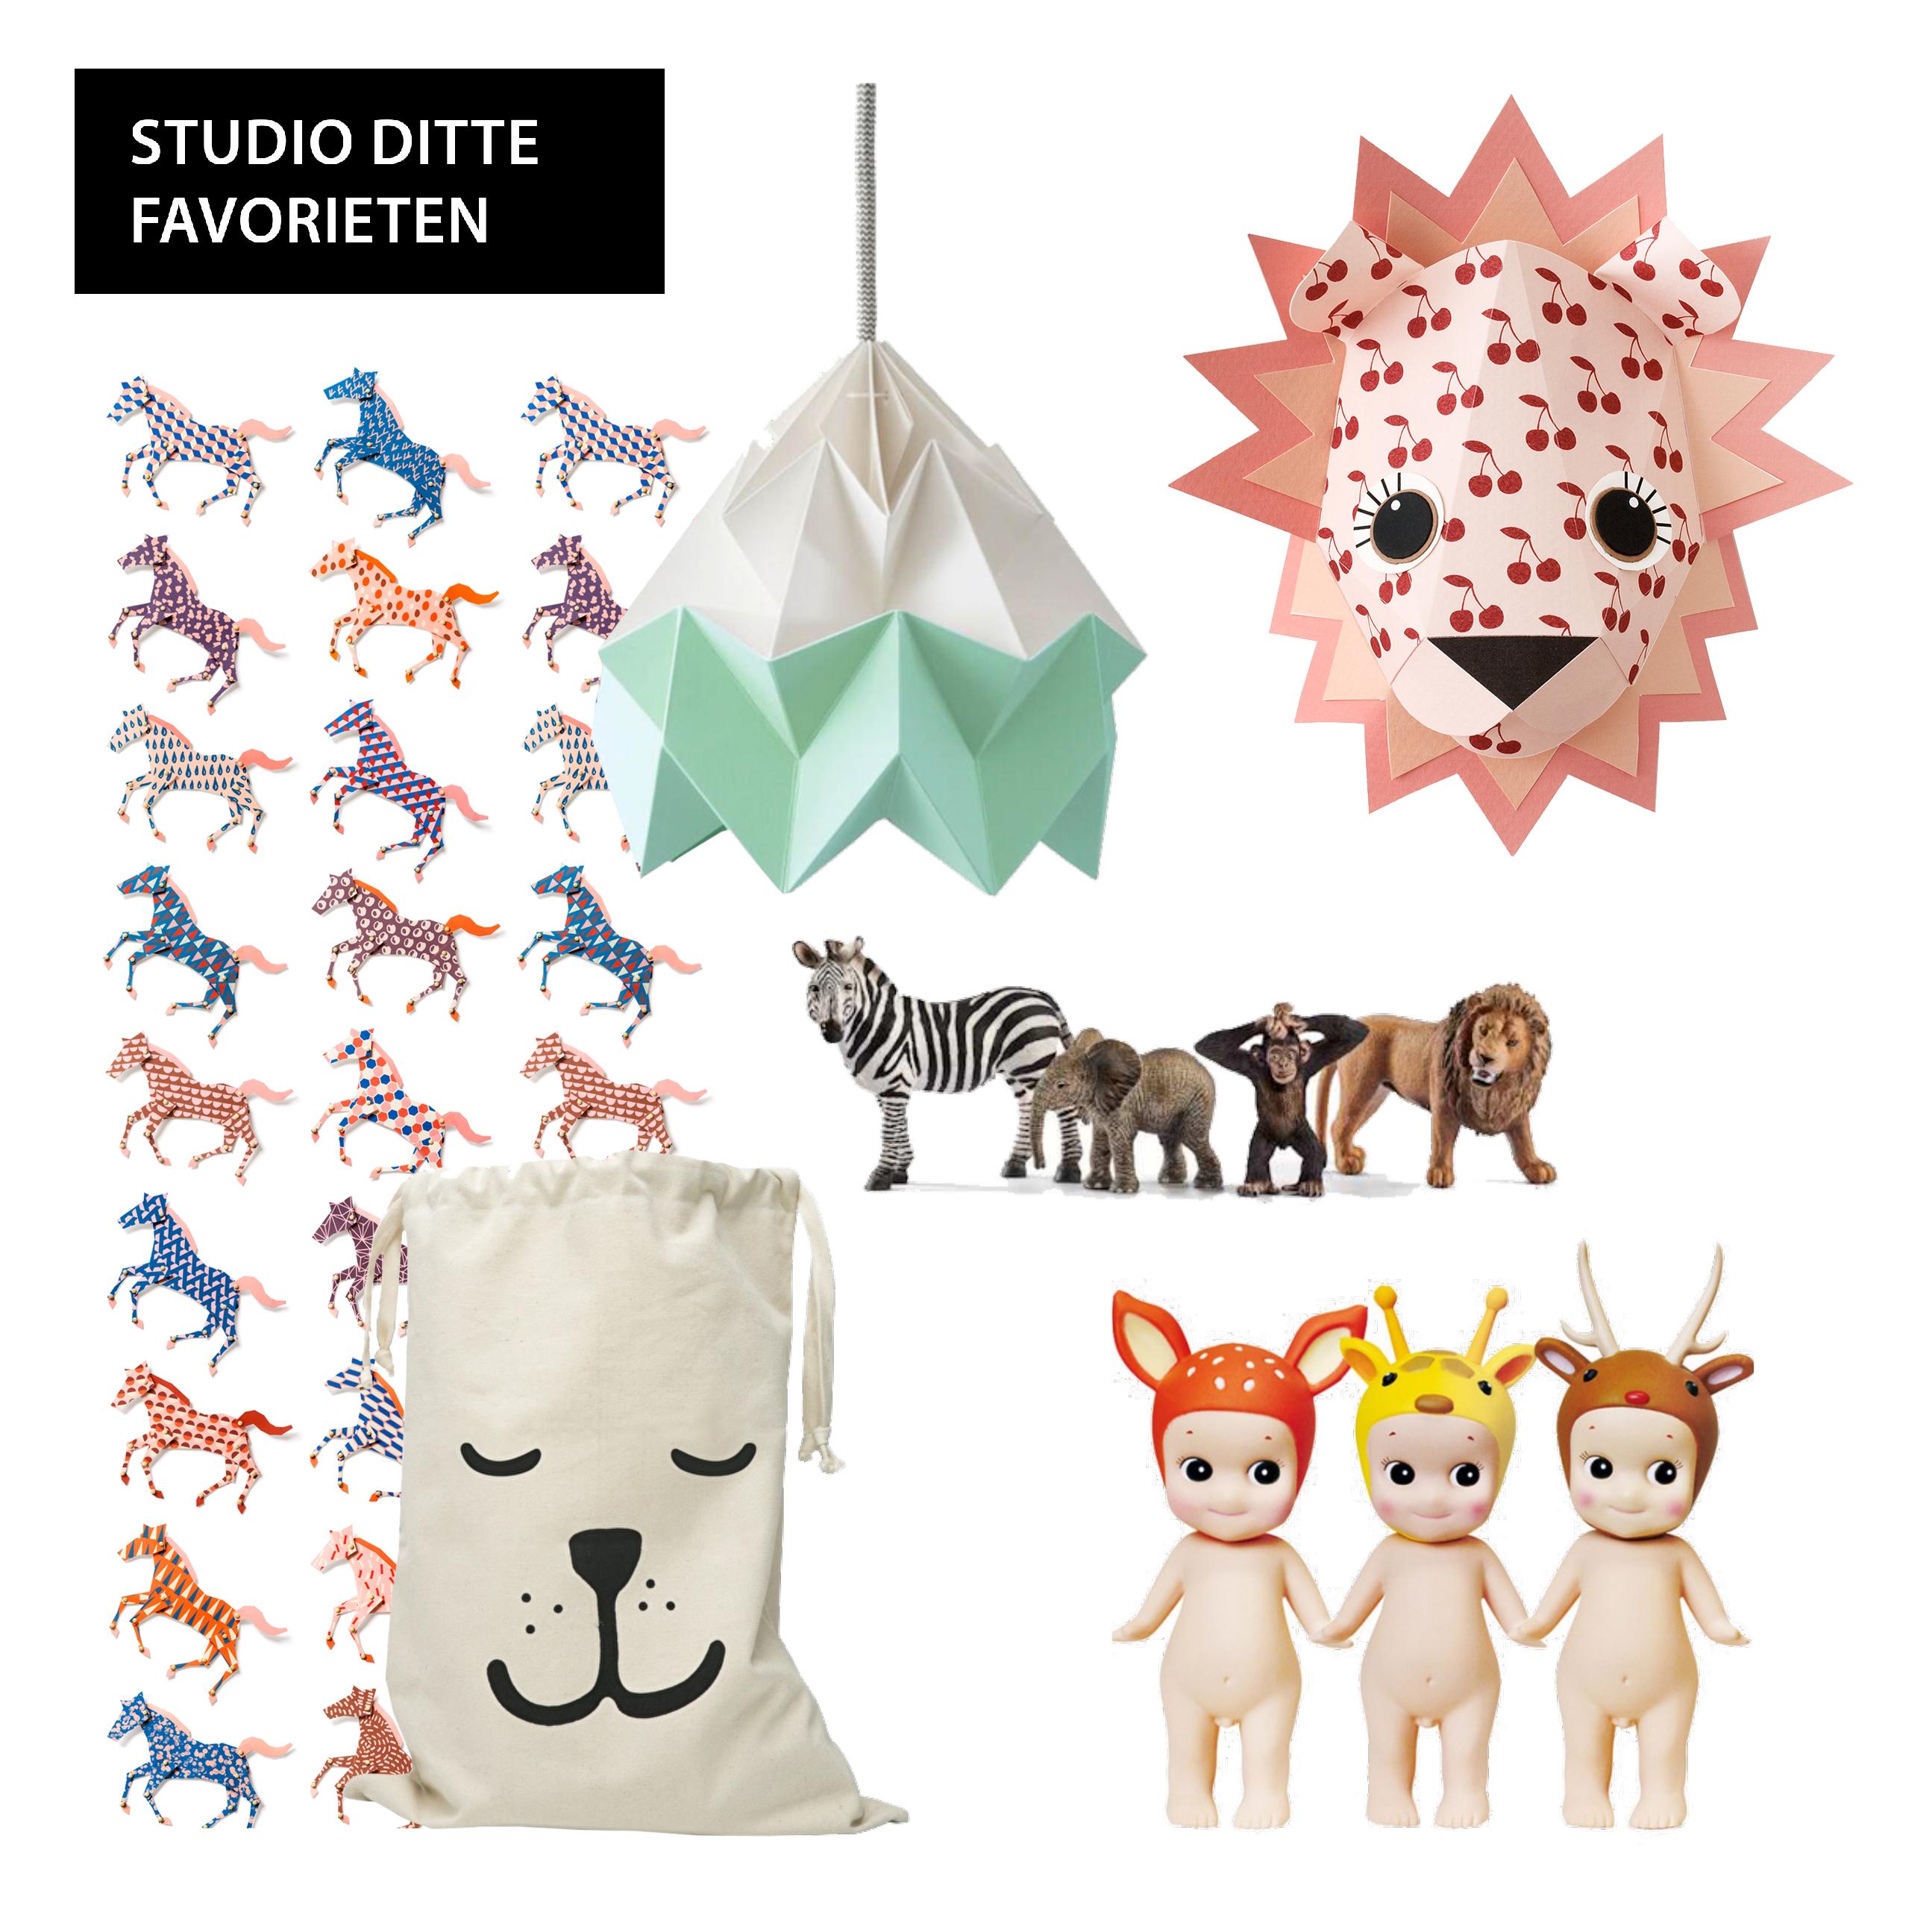 Studio Ditte favorieten #02